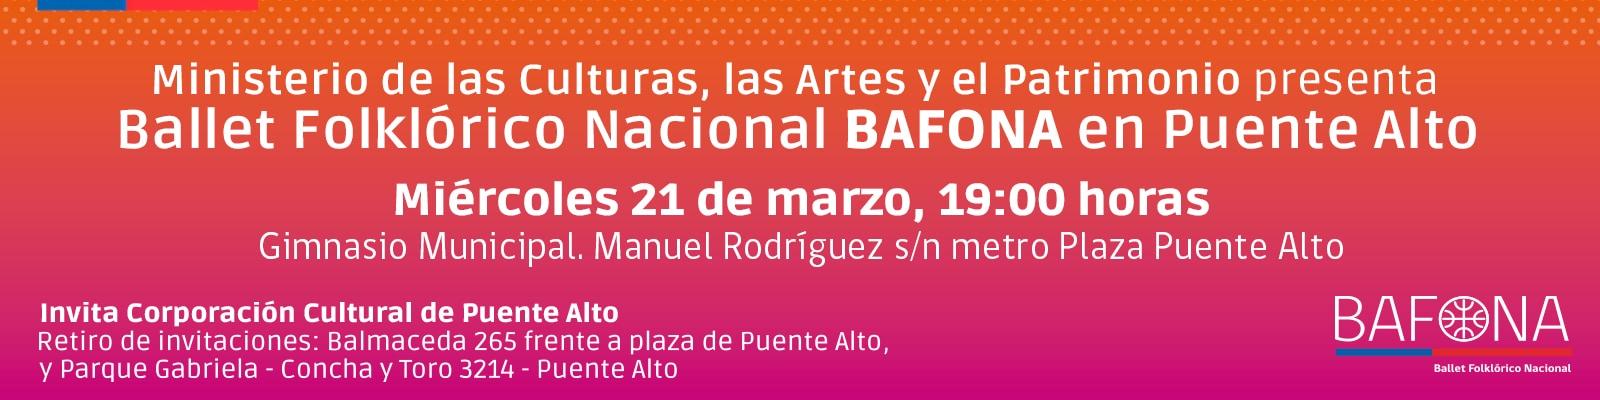 El Ballet Folklórico Nacional BAFONA se presentará en el Gimnasio Municipal de Puente Alto.